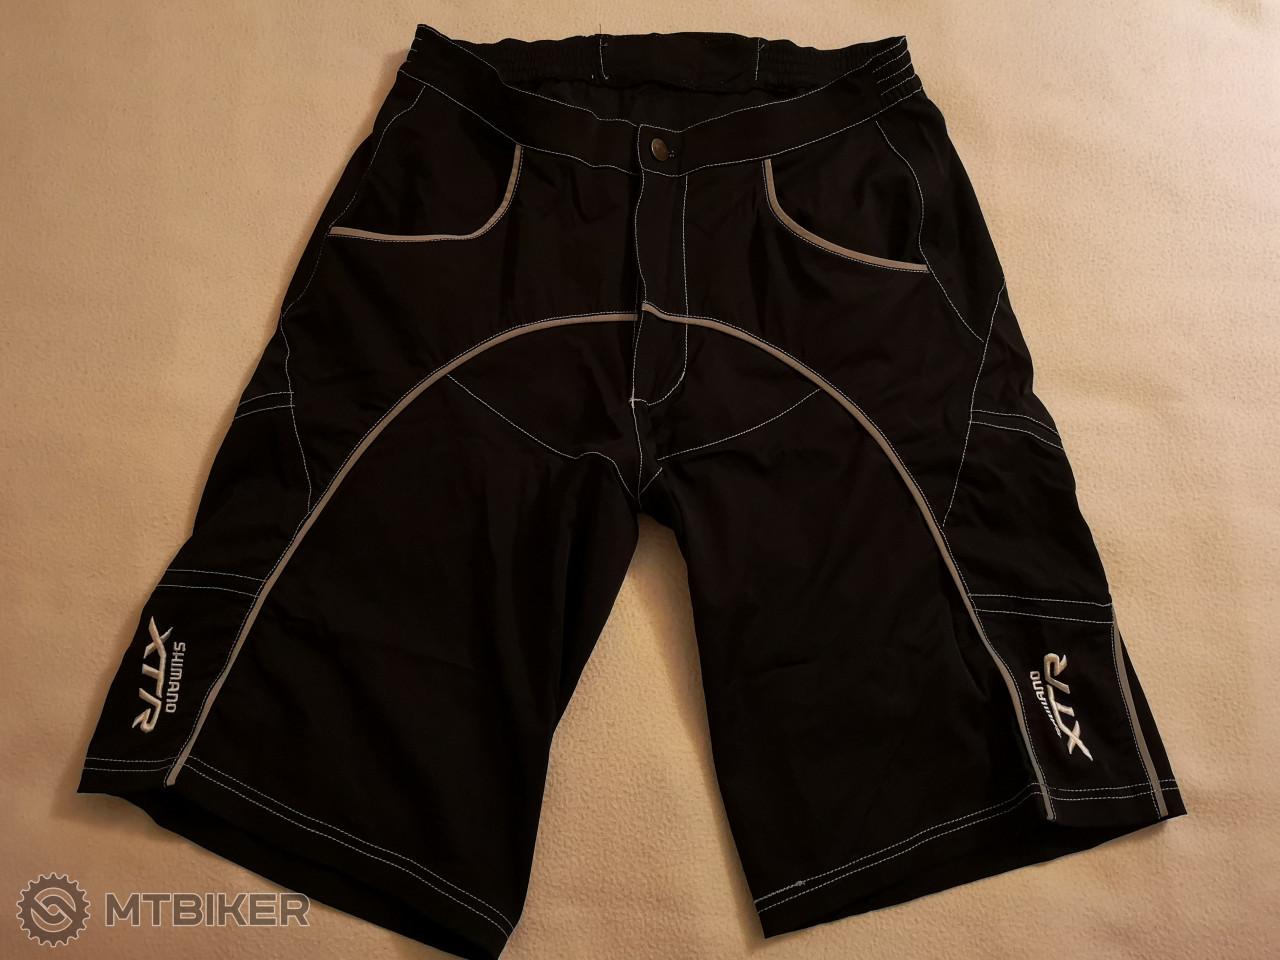 d8cea2f19fd06 Mtb šortky Shimano Xtr - Príslušenstvo - Oblečenie a batohy - Bazár MTBIKER